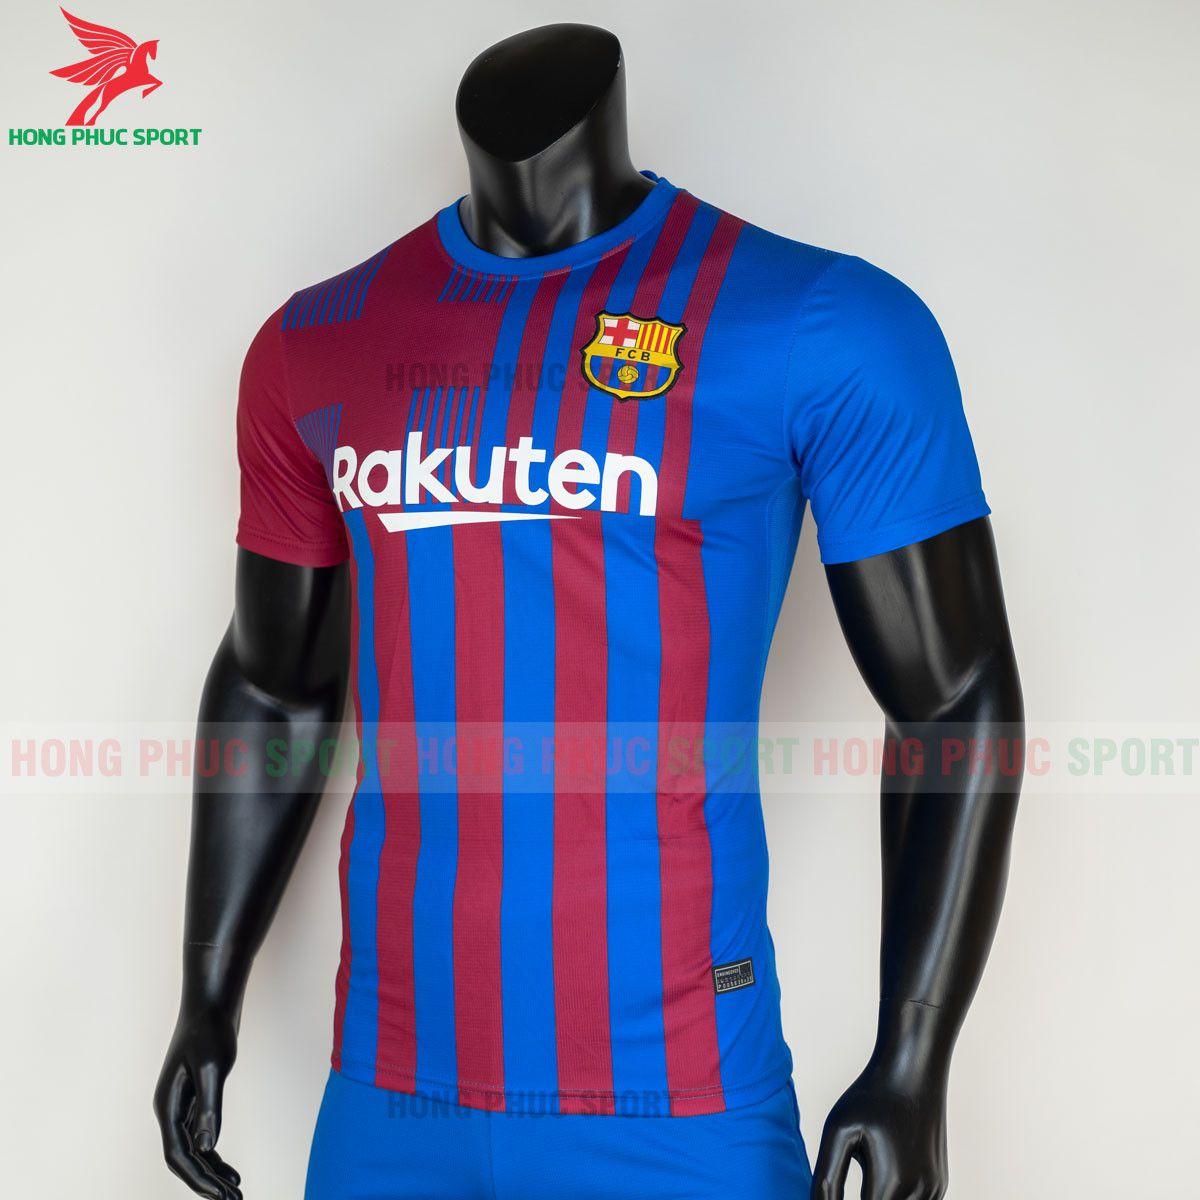 https://cdn.hongphucsport.com/unsafe/s4.shopbay.vn/files/285/ao-bong-da-barcelona-2021-2022-san-nha-hang-thai-3-60d2fcee83d69.jpg